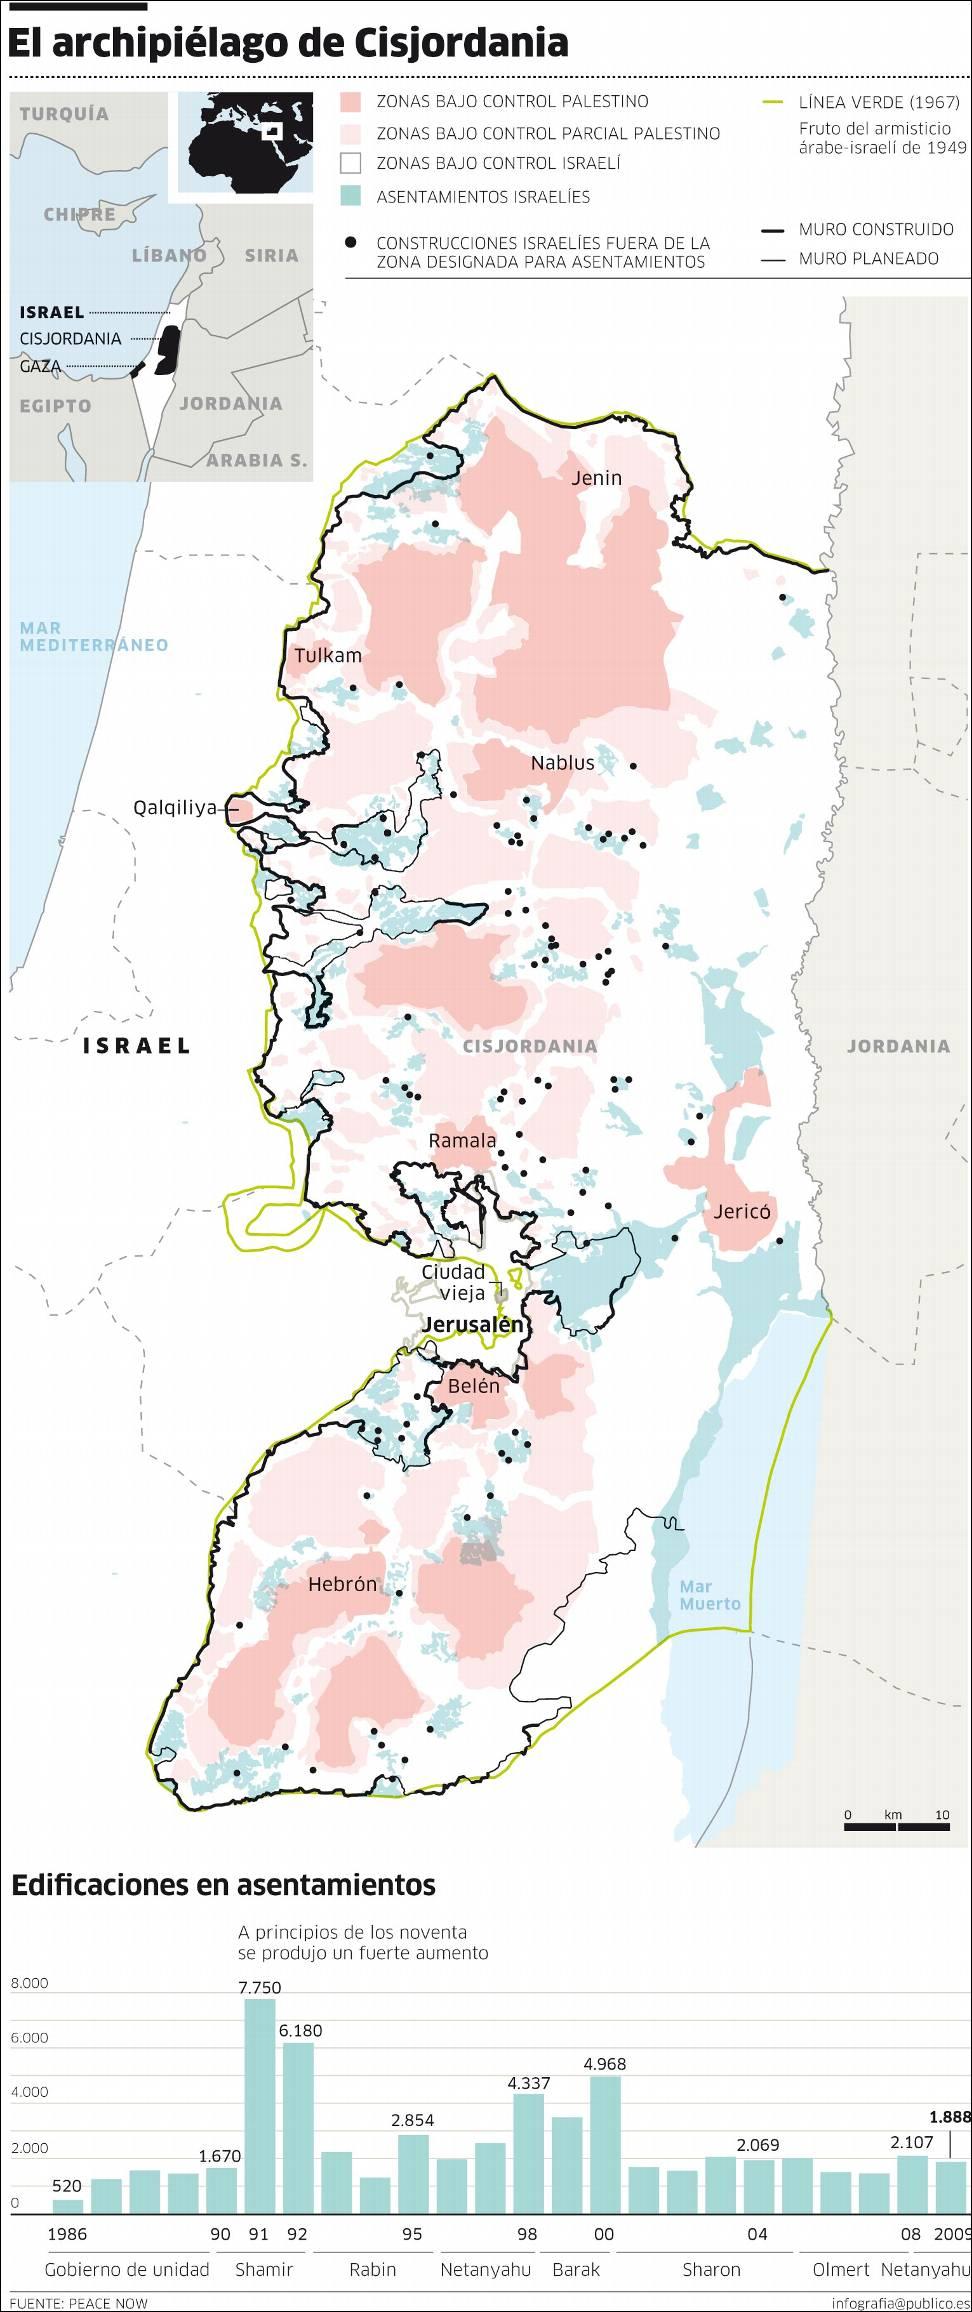 Palestina-Israel. Situación y condiciones en la zona. 1316289677433cirjordania-aumentoc6